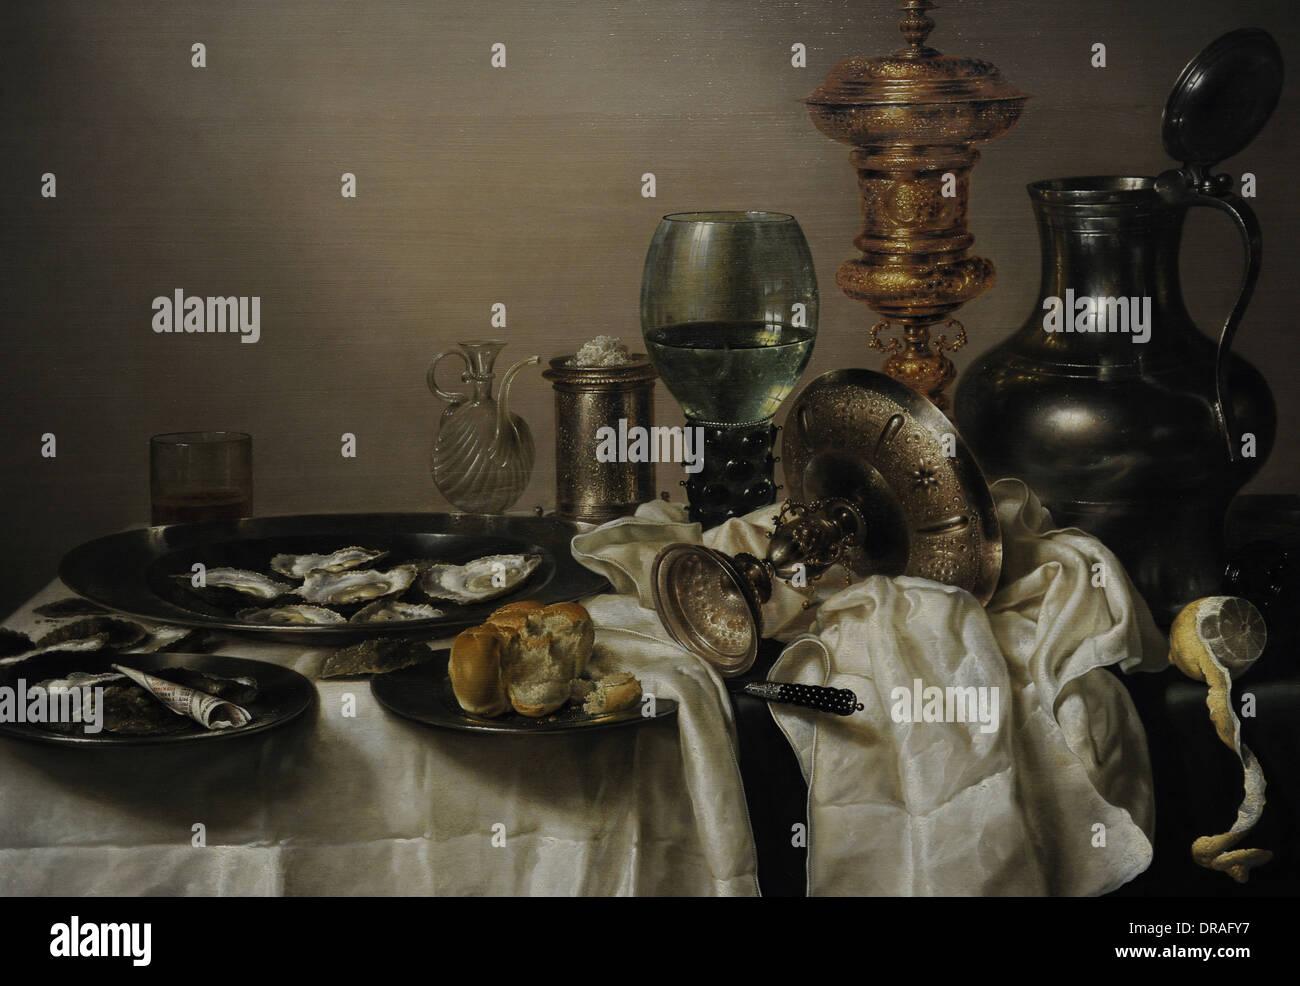 Willem Claesz Heda (1594-1680). Peintre hollandais. Nature morte avec une tasse Doré, 1635. Détail. Rijksmuseum. Amsterdam. La Hollande. Photo Stock